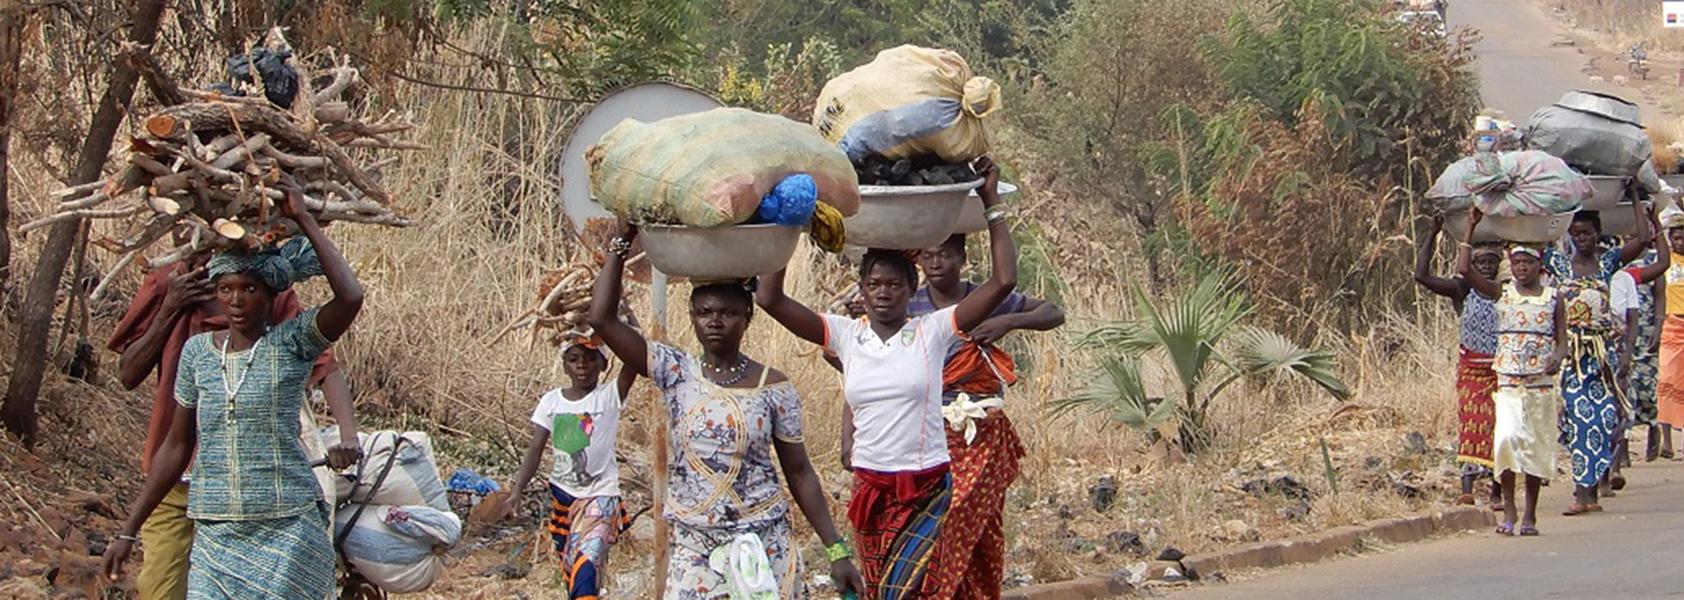 Burkina Faso | Bijzondere rondreis in gastvrij West-Afrika